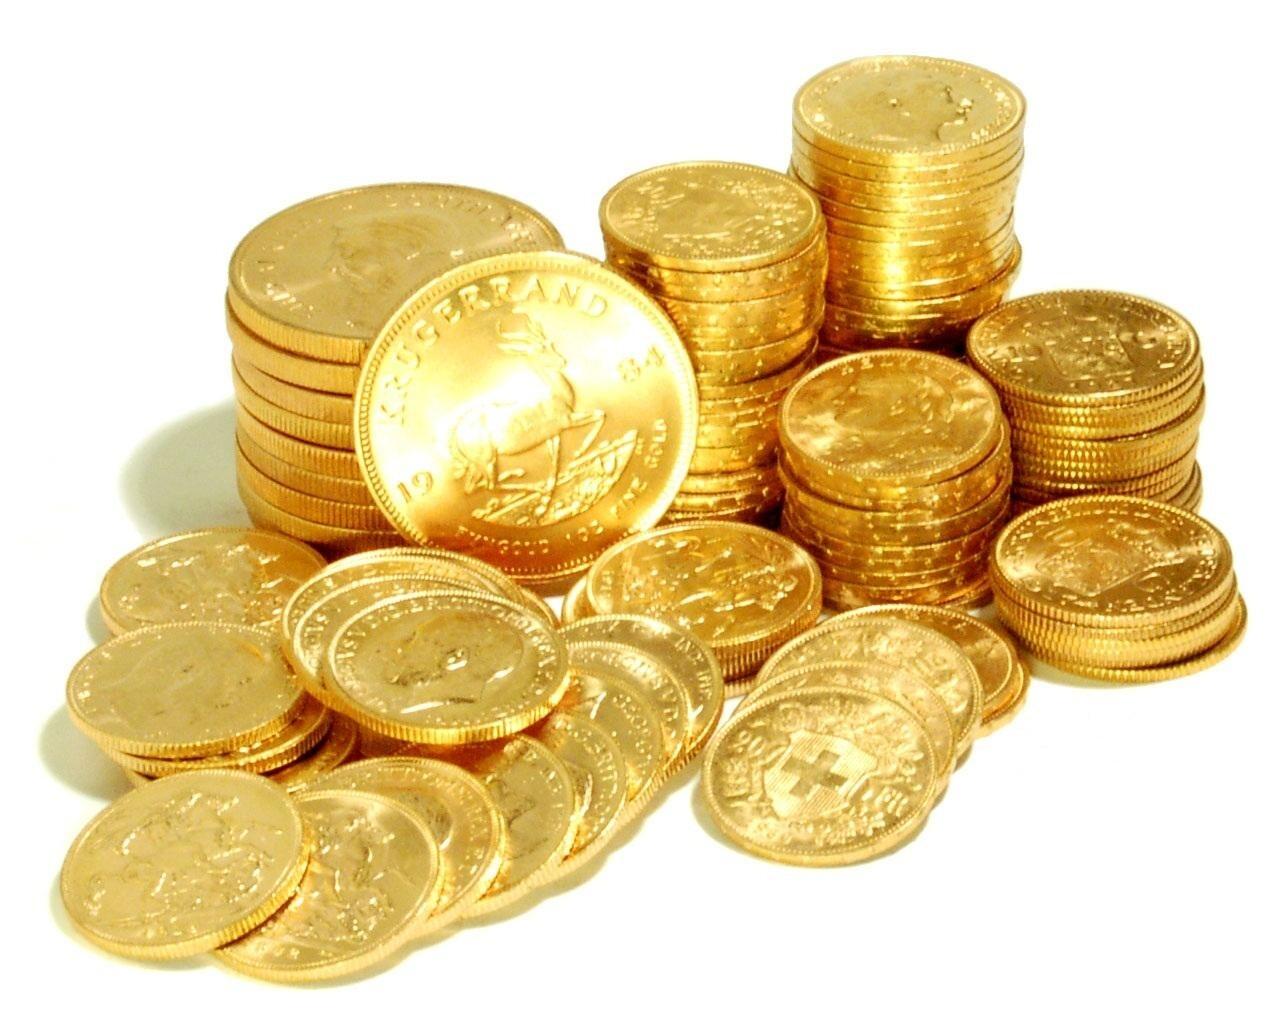 Тамбовчанин украл из магазина золотые и серебряные монеты, фото-1